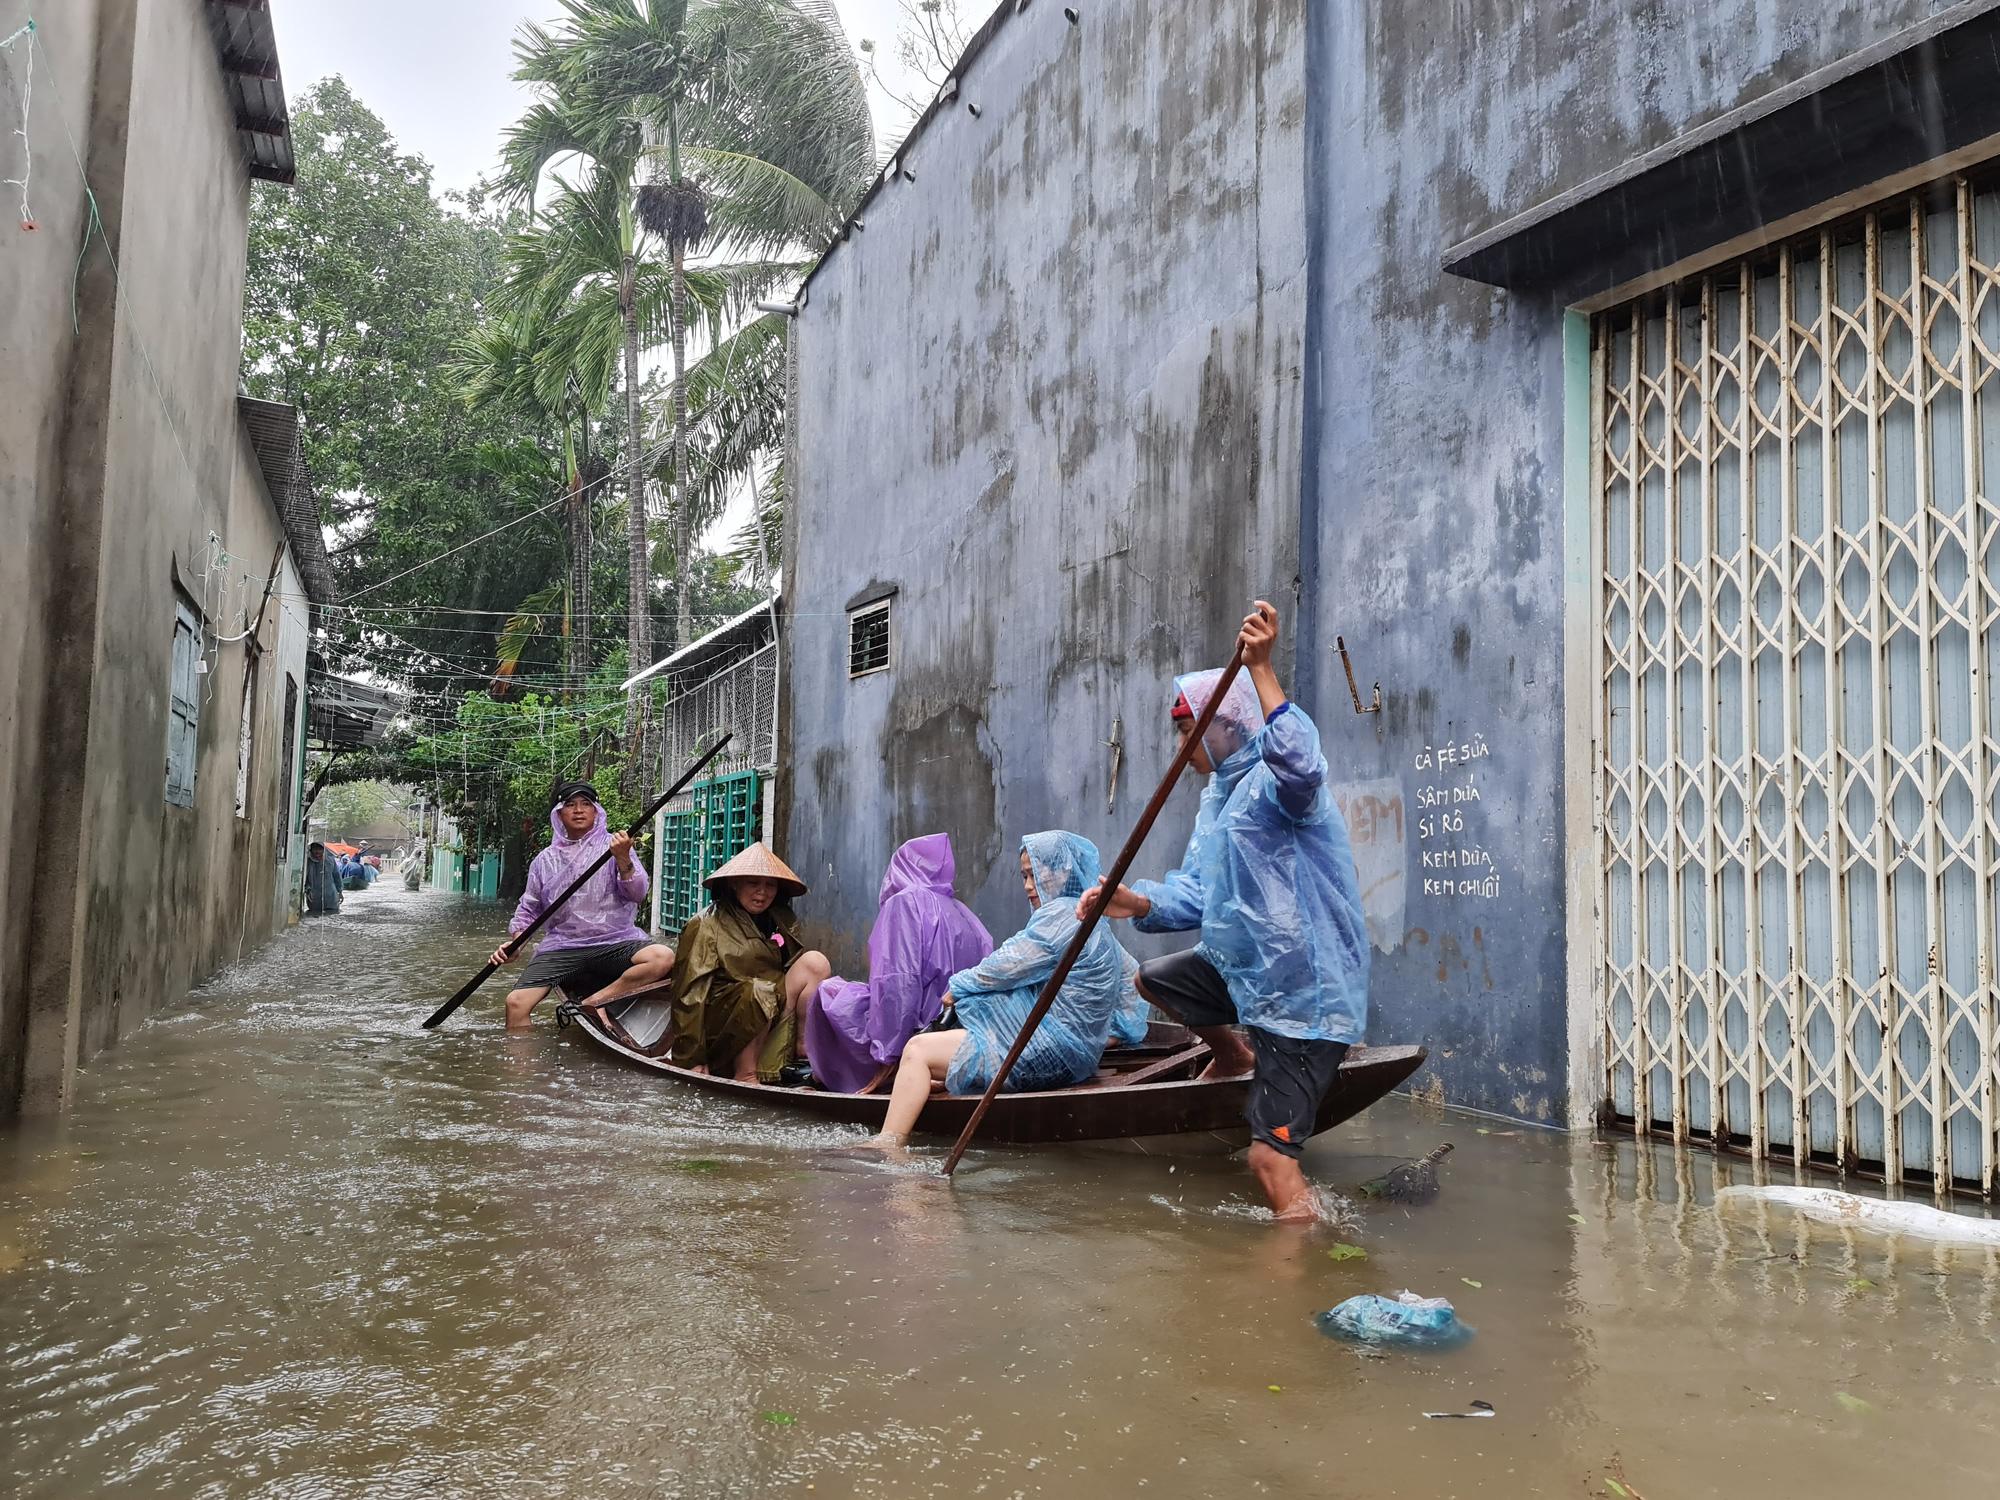 Quảng Nam: 6 người chết và mất tích do bão, lũ - Ảnh 1.